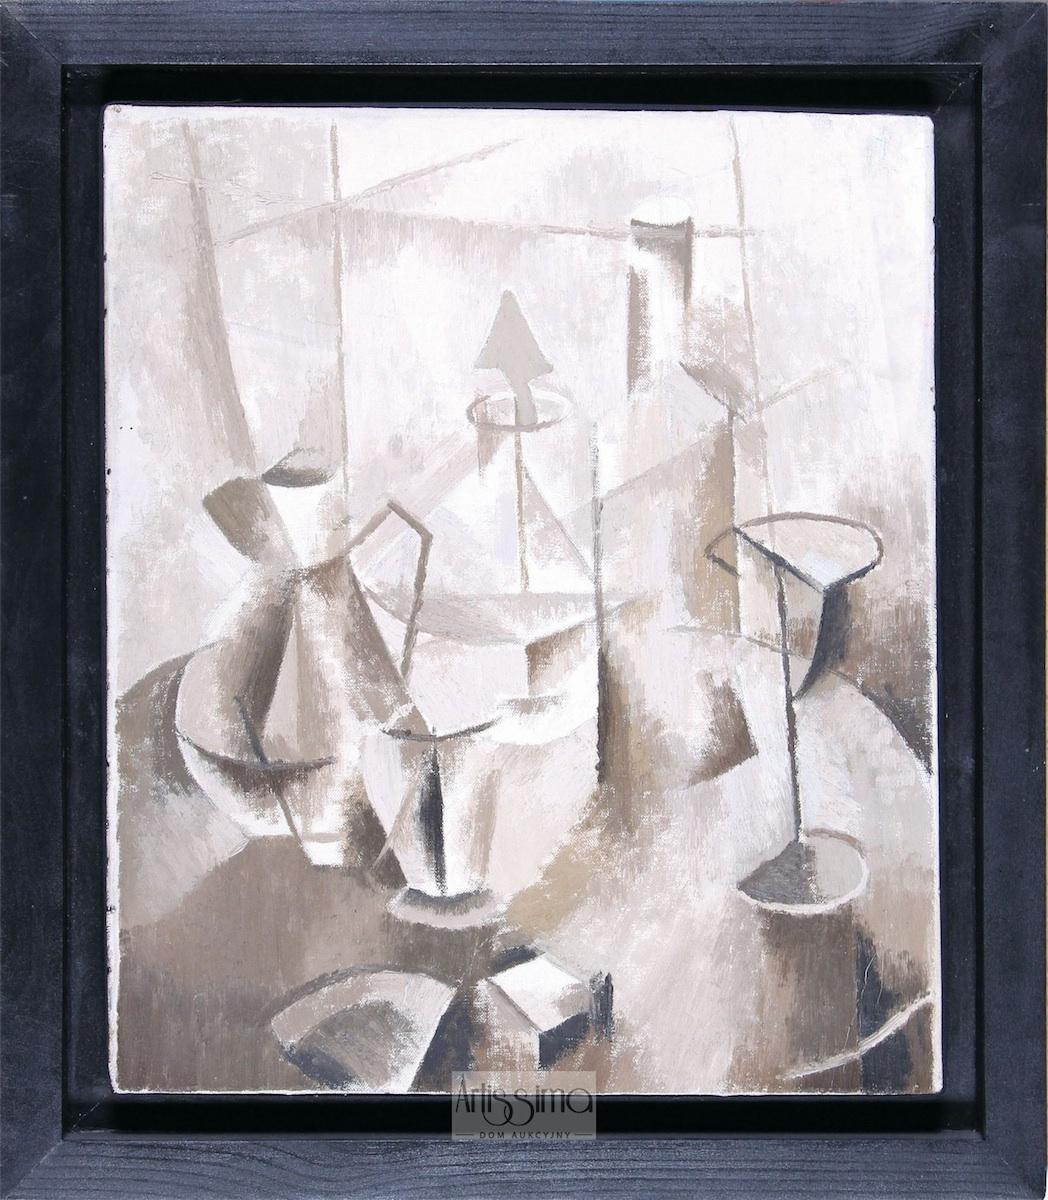 Martwa natura kubistyczna (brązowa), 1953-1954